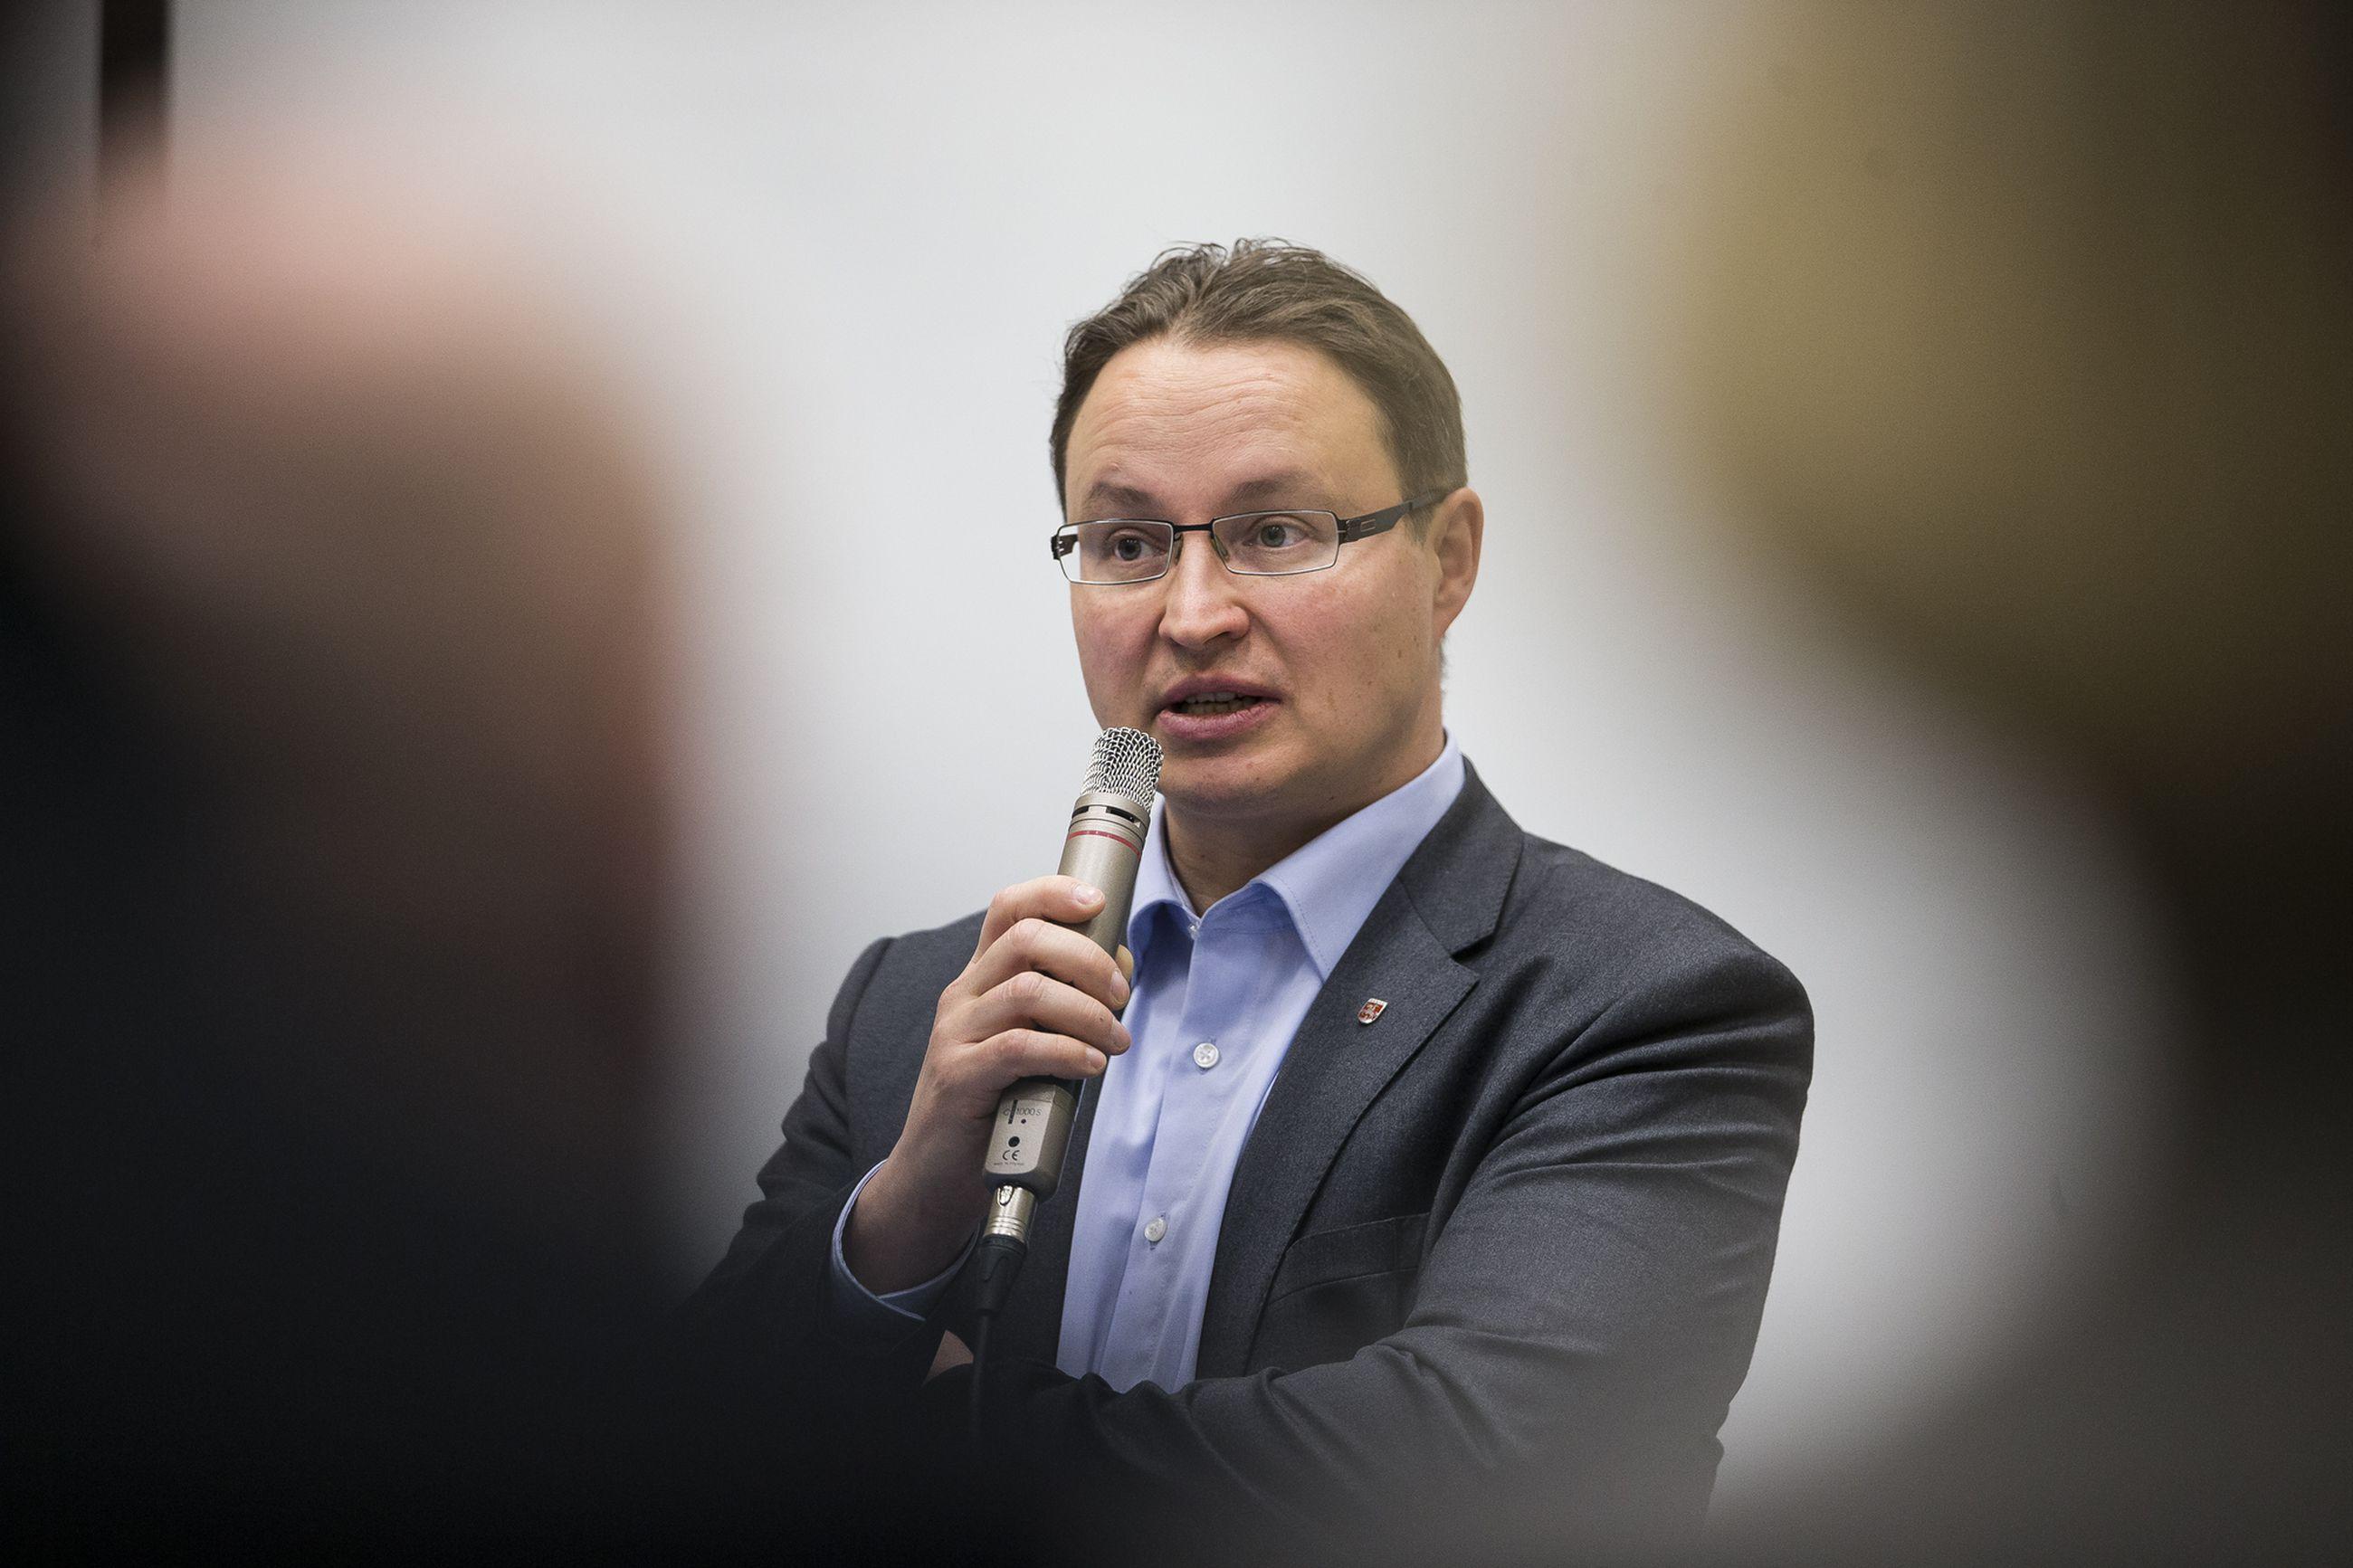 Ari Nurkkala